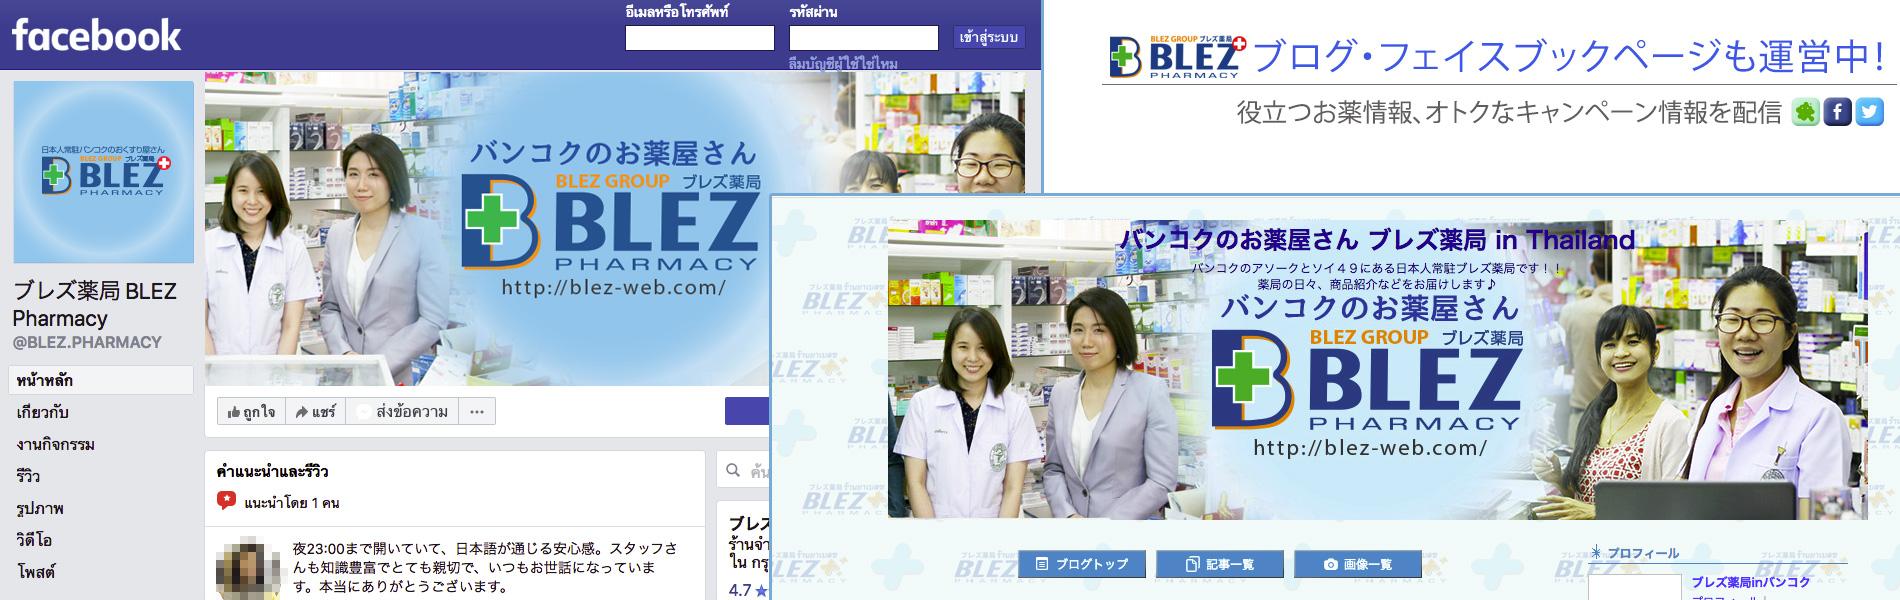 日本人常駐バンコクのおくすり屋さんブレズ薬局フェイスブック